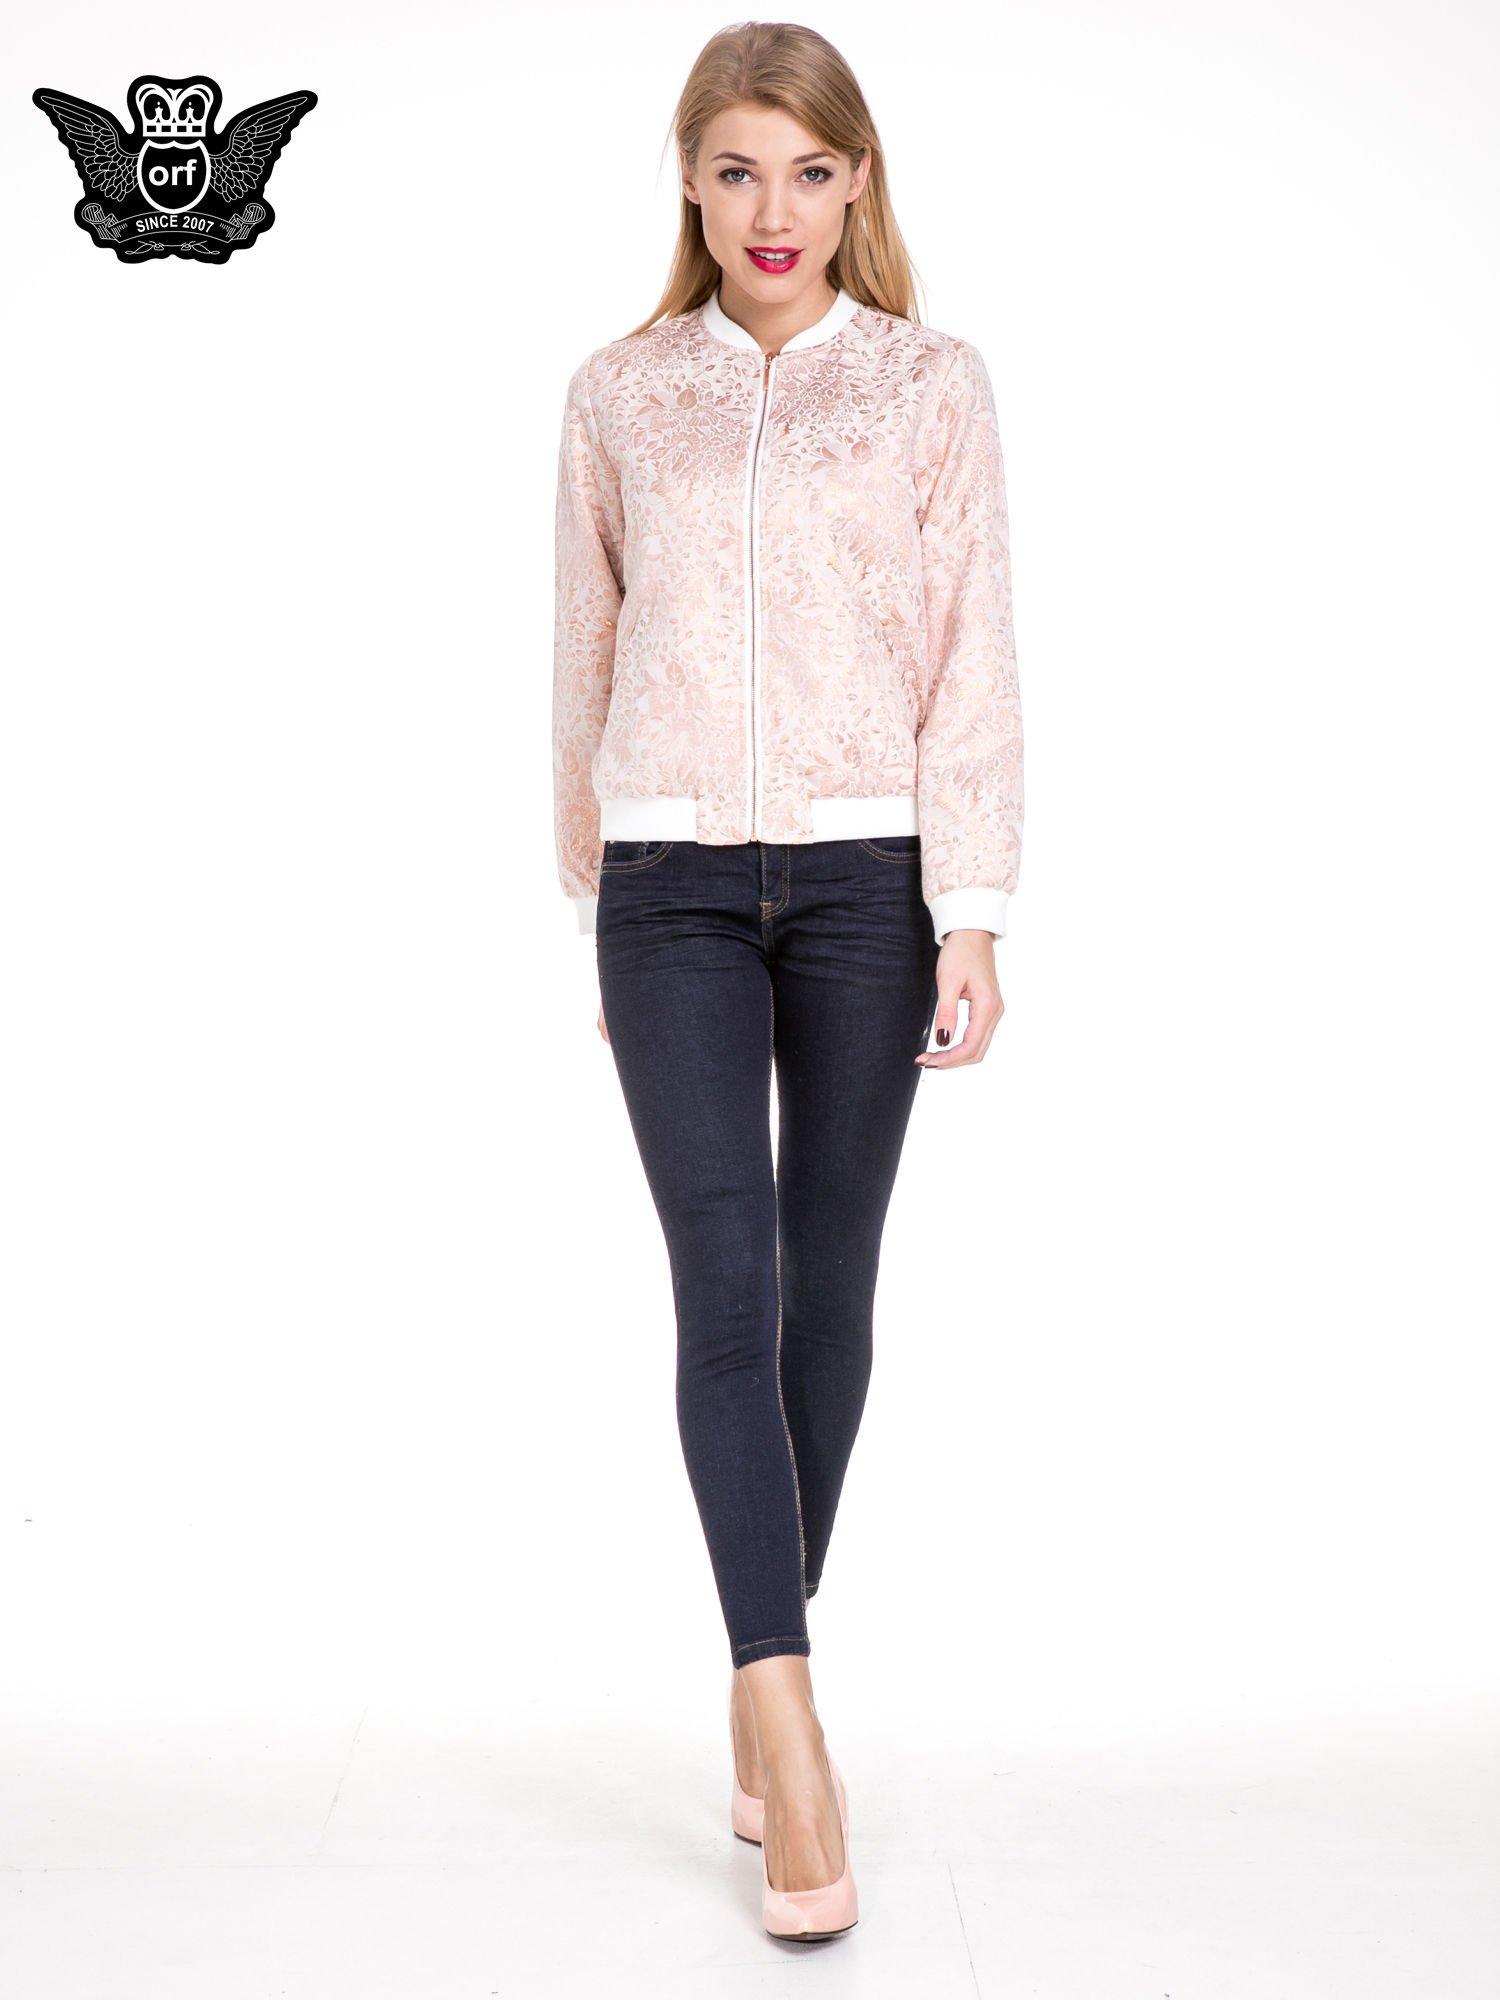 Granatowe spodnie super skinny jeans długości 7/8                                  zdj.                                  2